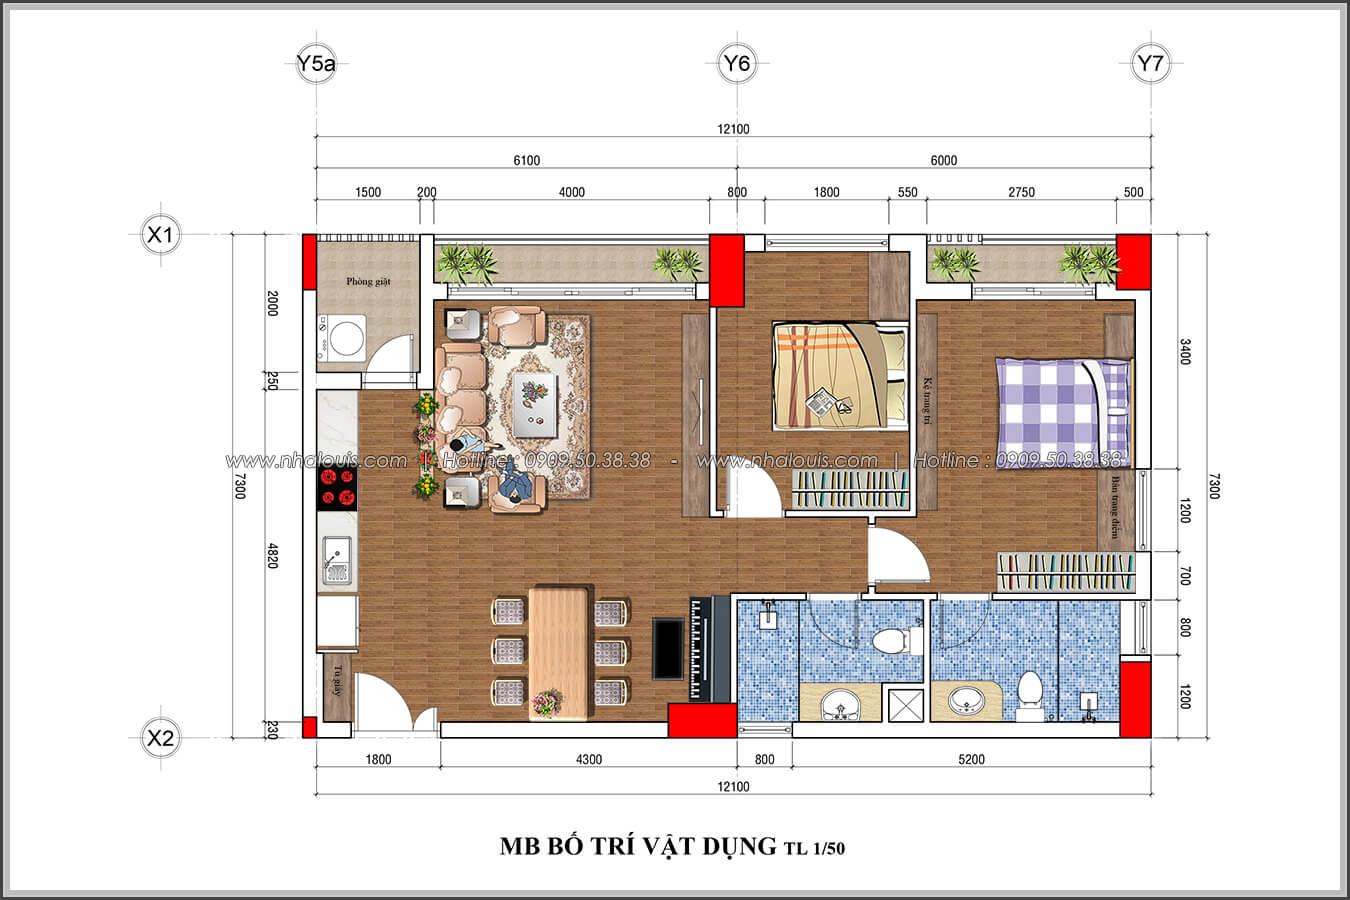 Mặt bằng tổng thể Mê đắm thiết kế nội thất chung cư 2 phòng ngủ sang trọng tại Green Valley Quận 7 - 19